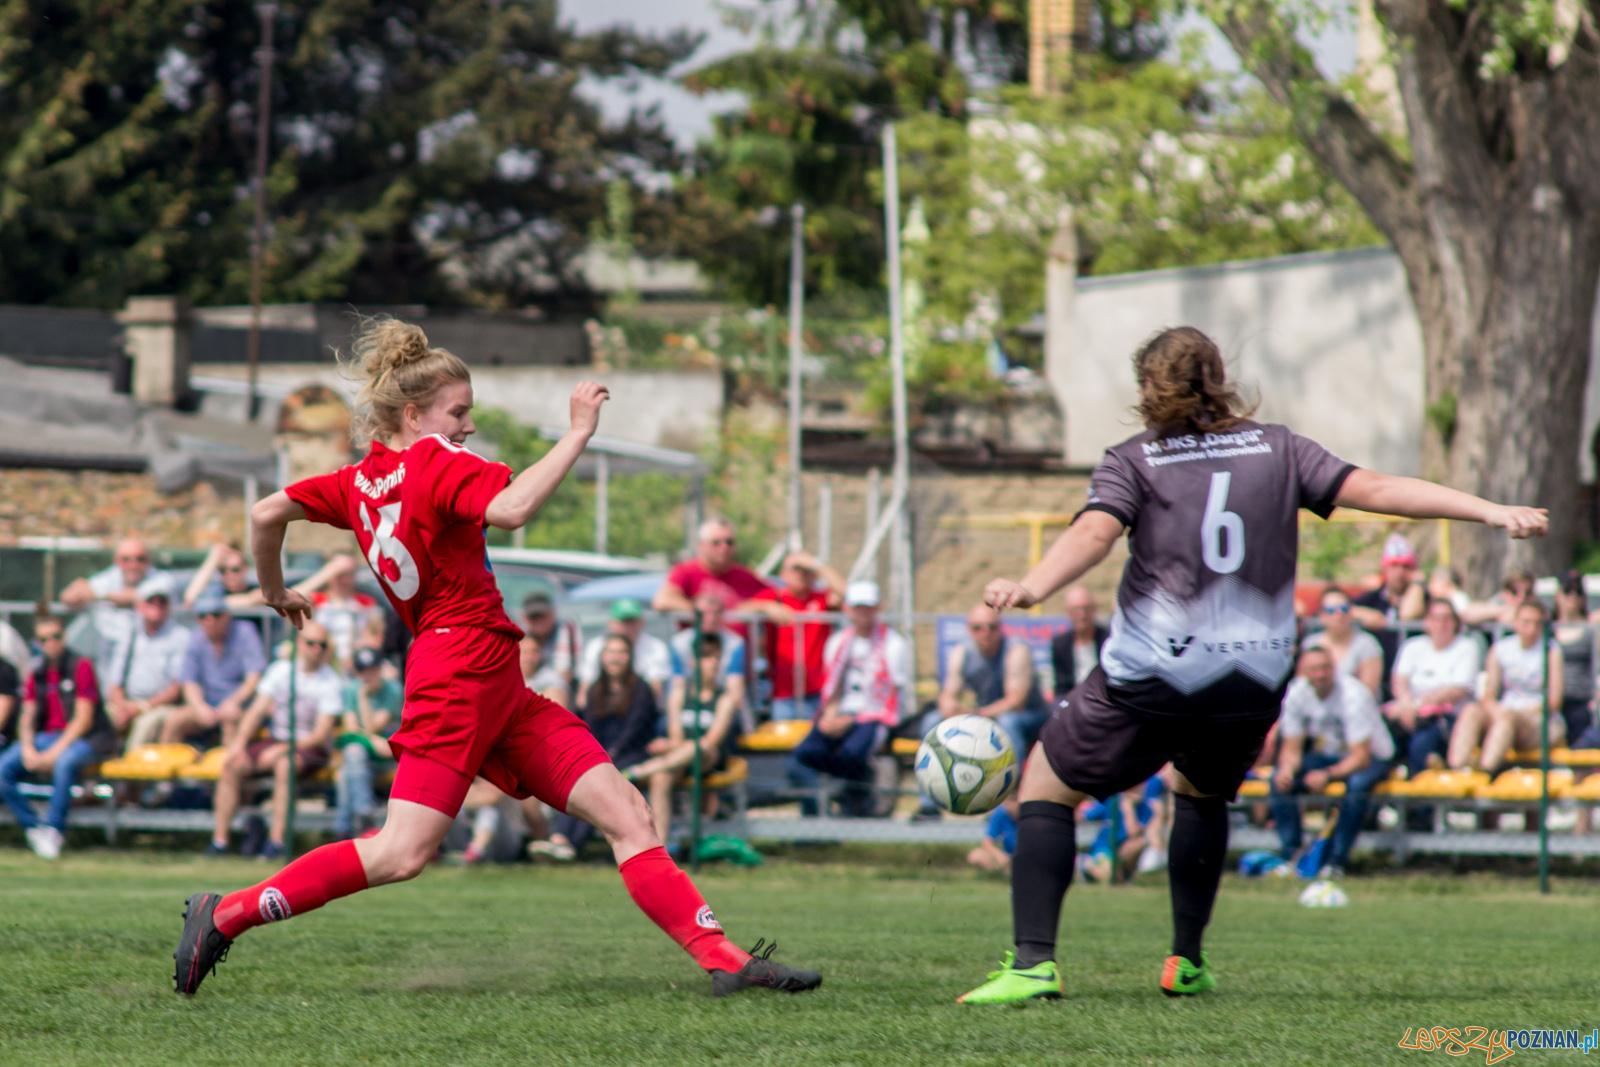 """TS Polonia Poznań vs MUKS """"Dargfil"""" Tomaszów Mazowiecki  Foto: lepszyPOZNAN.pl / Ewelina Jaśkowiak"""